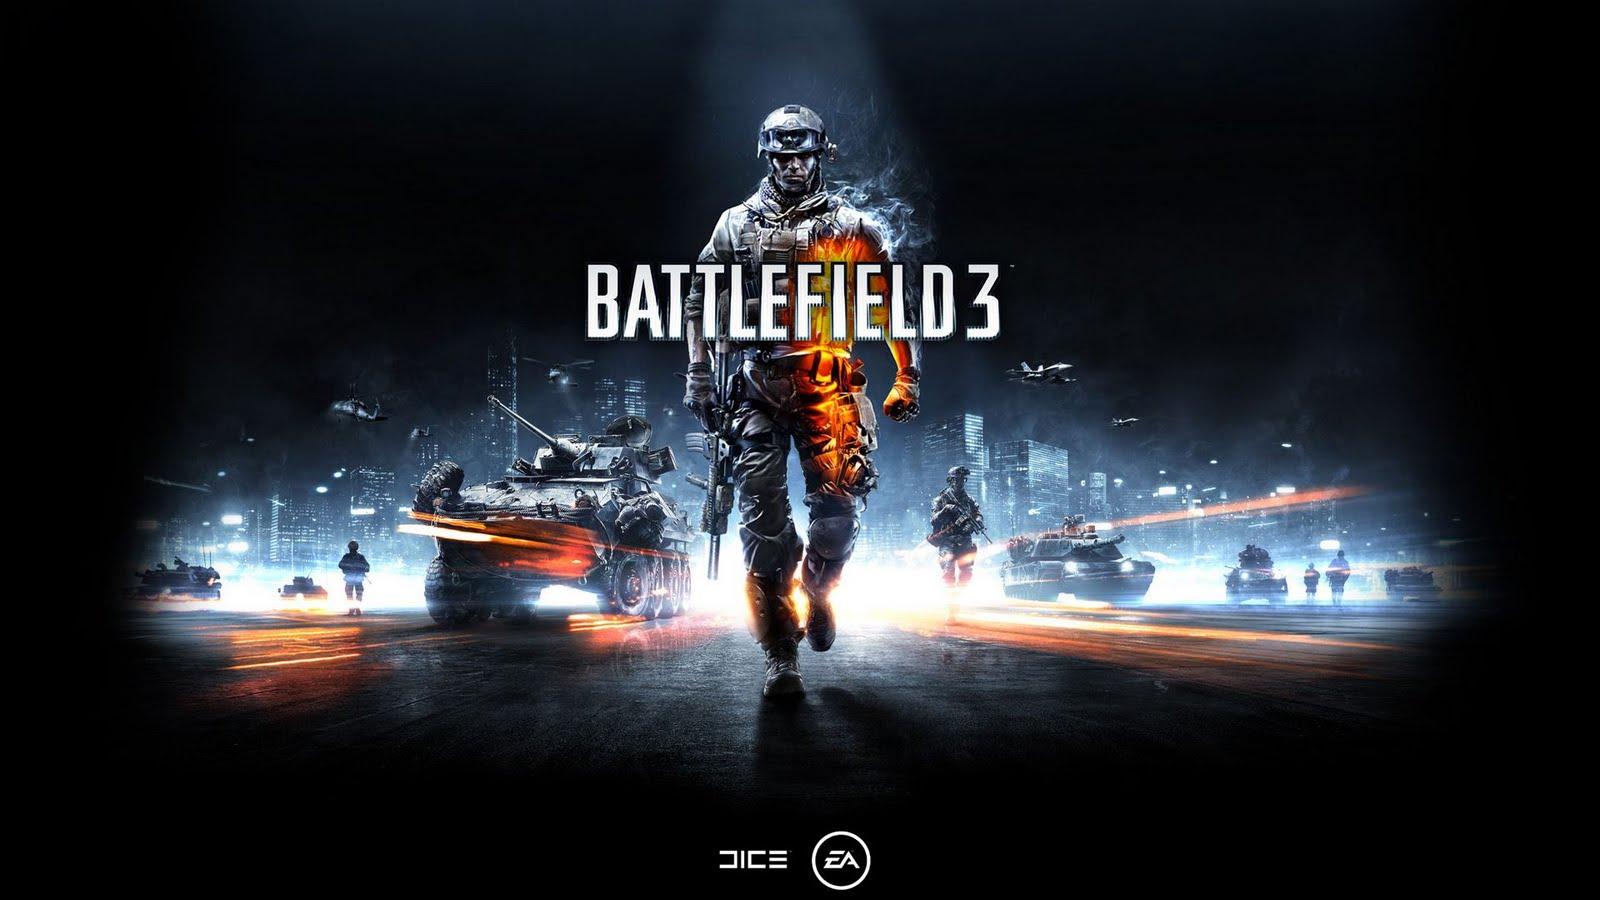 http://1.bp.blogspot.com/-Bx-oKuYwEpE/Tfaidb_RCmI/AAAAAAAAH4s/PMIh3hjxhxU/s1600/Battlefield+3+Wallpaper+HQ.jpg